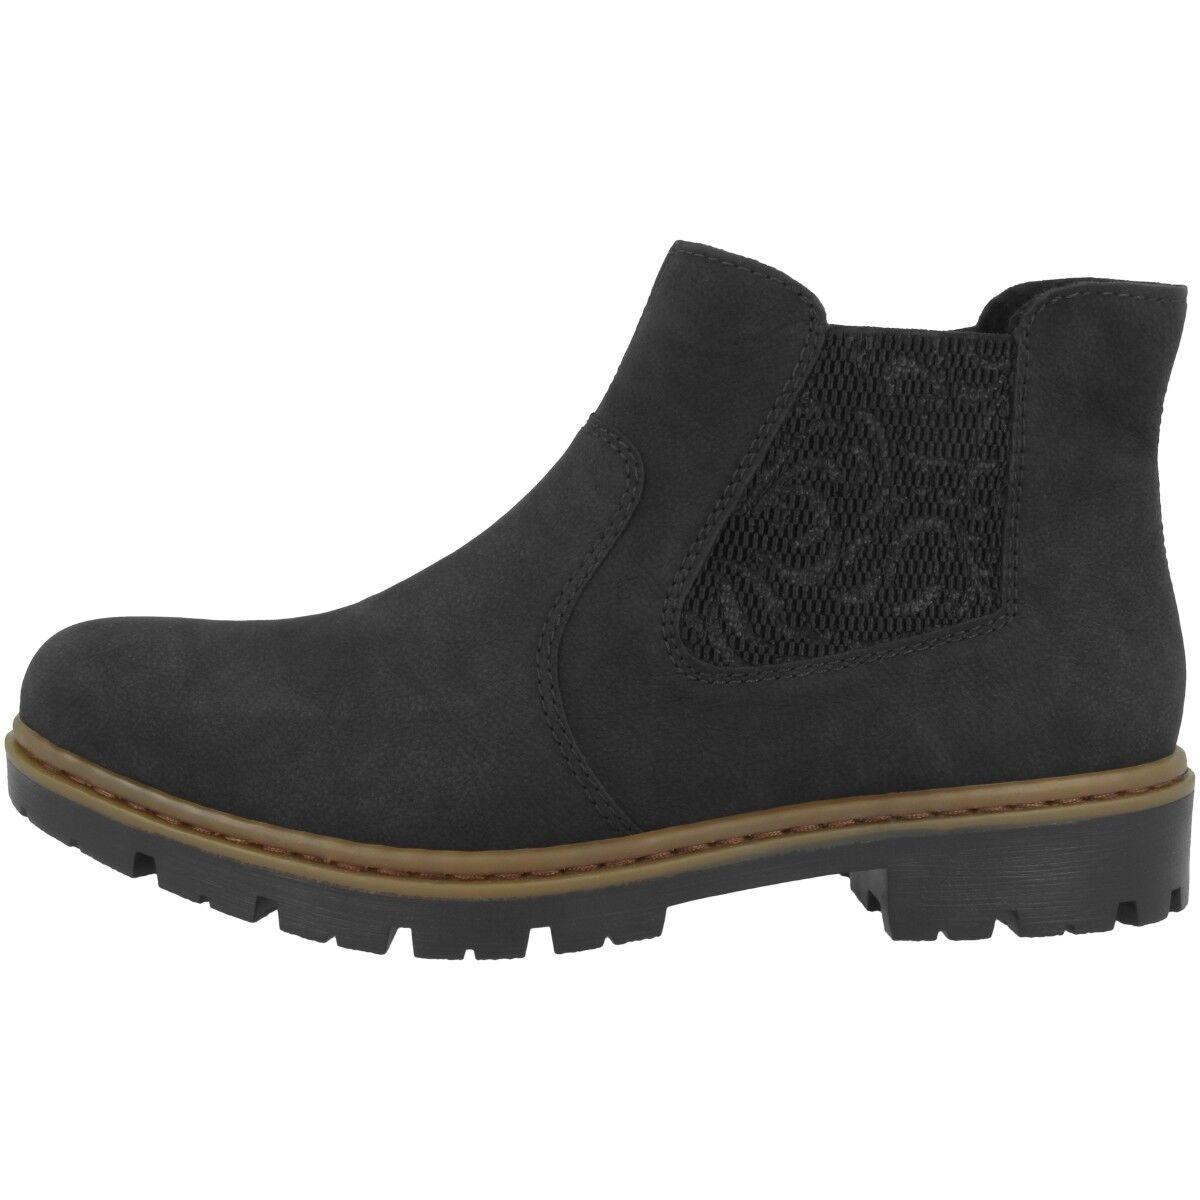 Rieker Nablus-Embossweaving Schuhe Antistress Stiefelette Chelsea Stiefel 71364-00